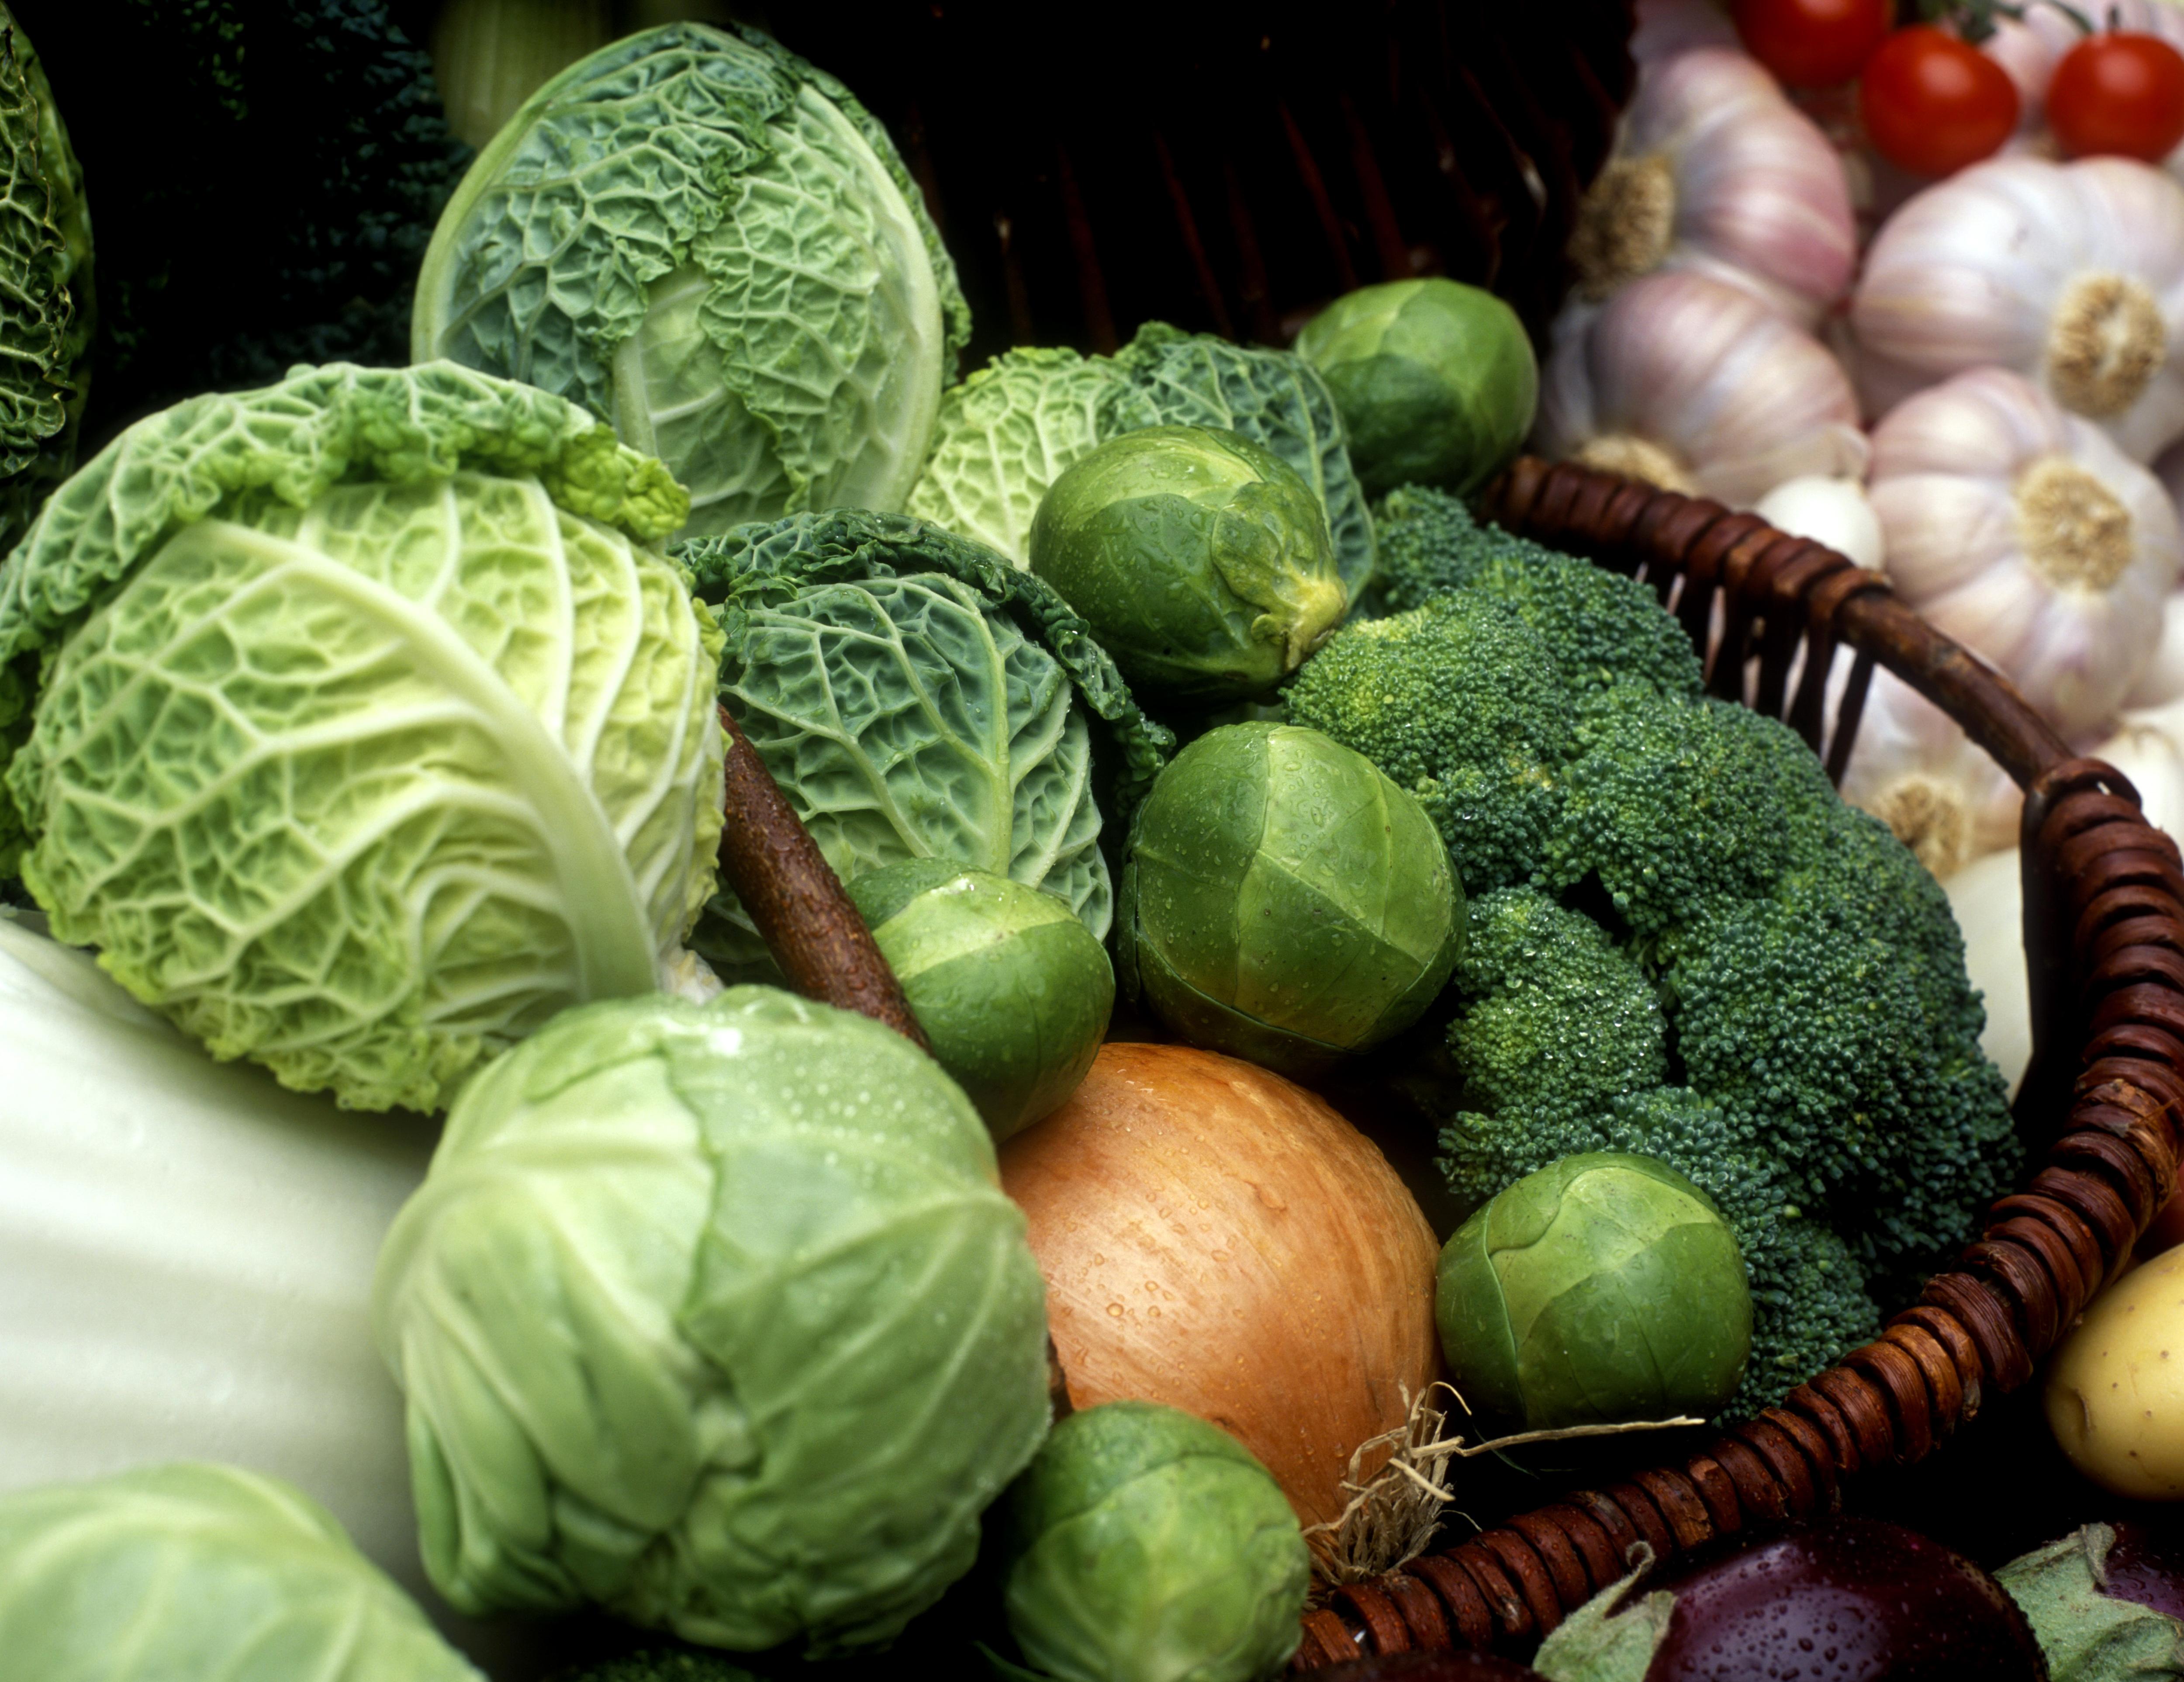 Обои для рабочего стола Капуста Лук репчатый Пища Овощи Много 5000x3850 Еда Продукты питания